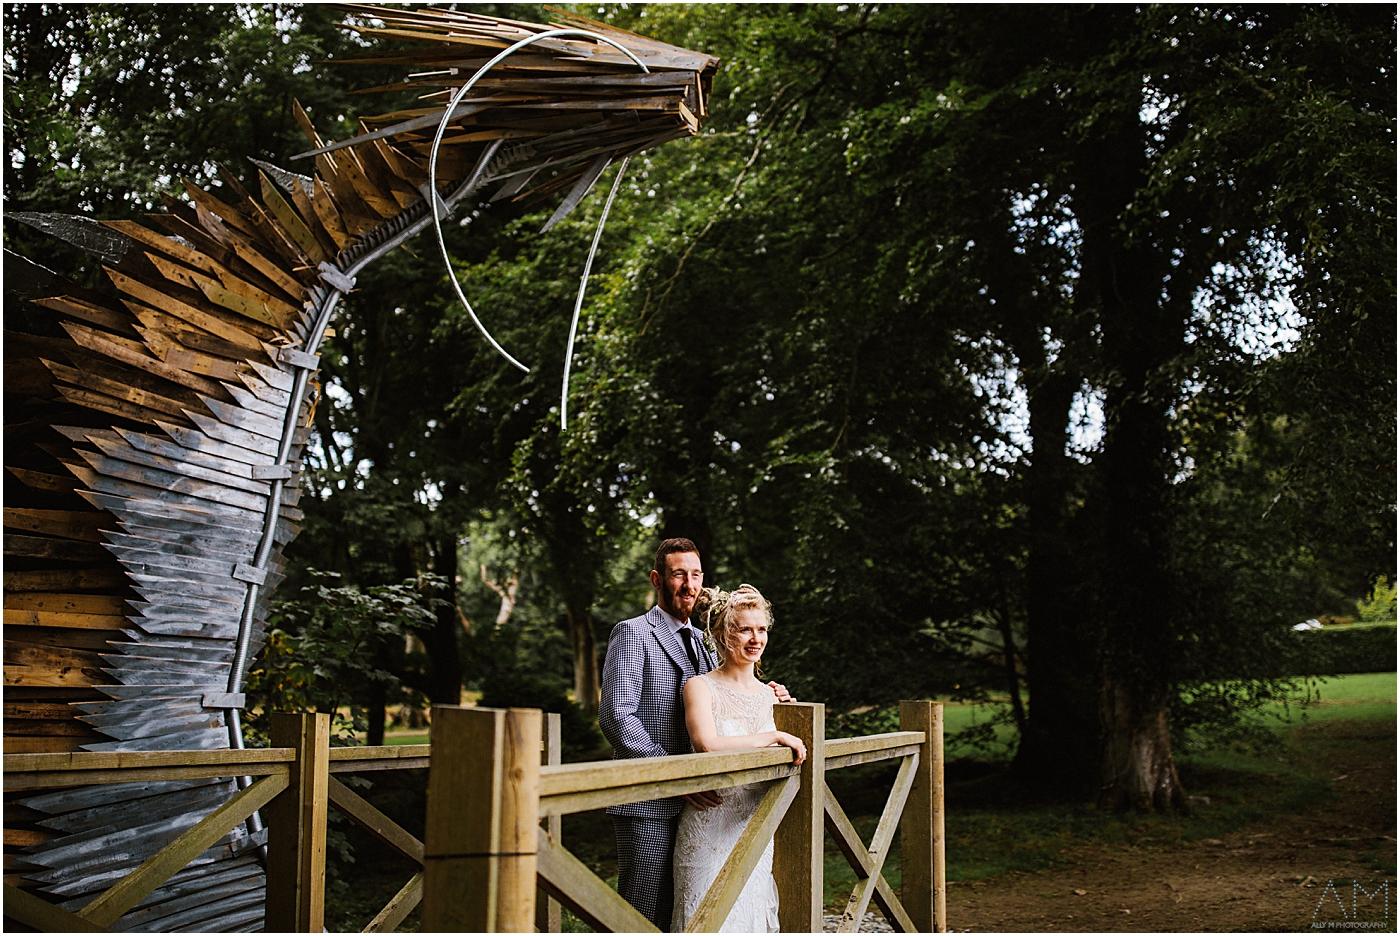 Carreglwyd wedding photography